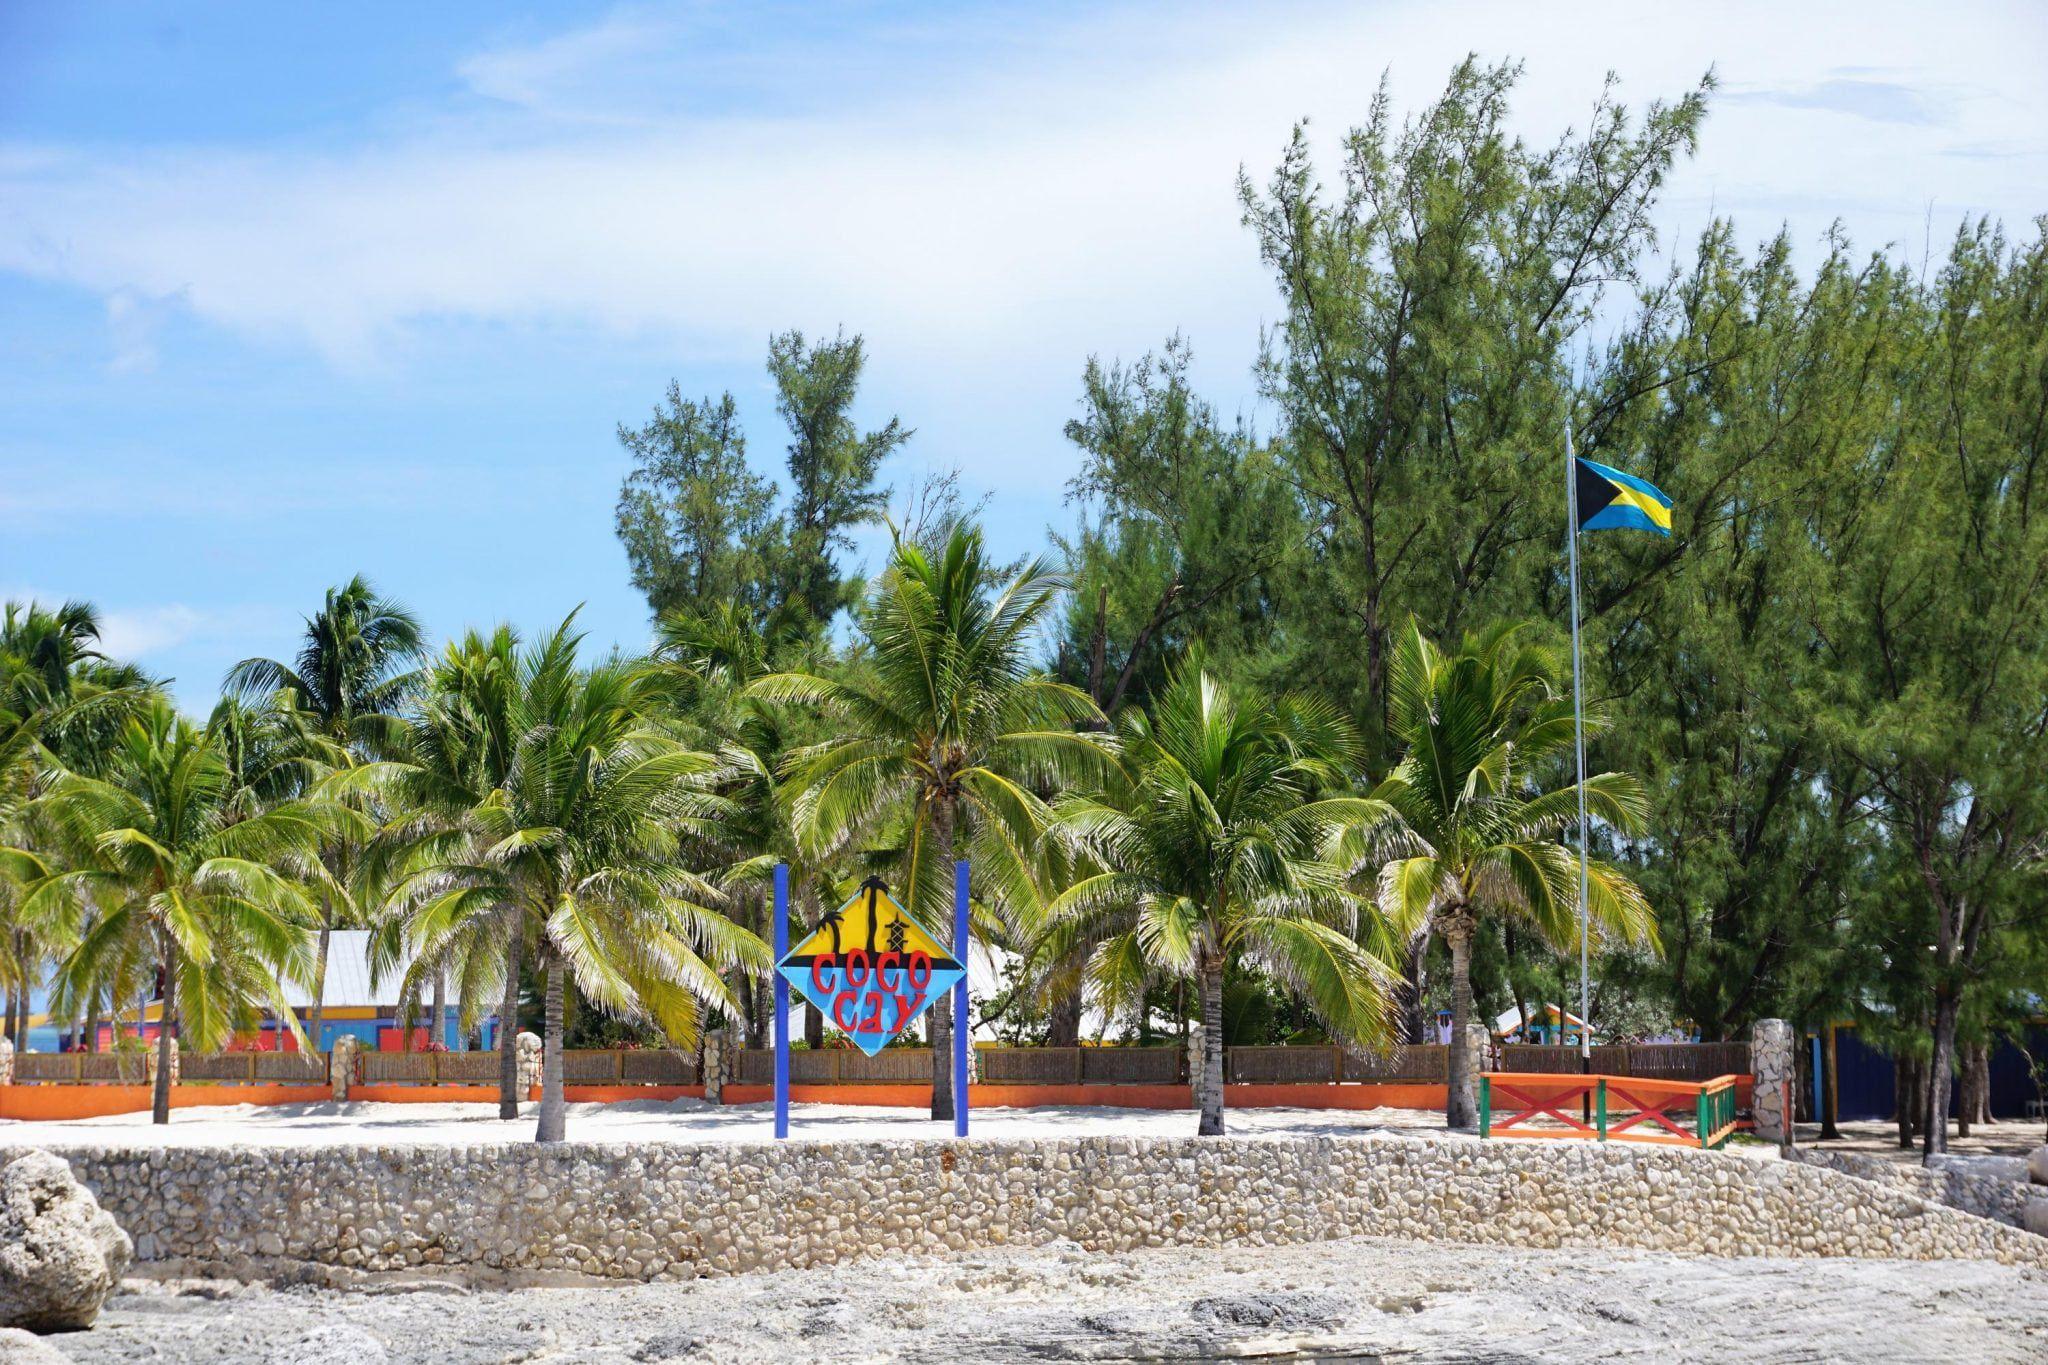 CocoCay, Bahamas Sign